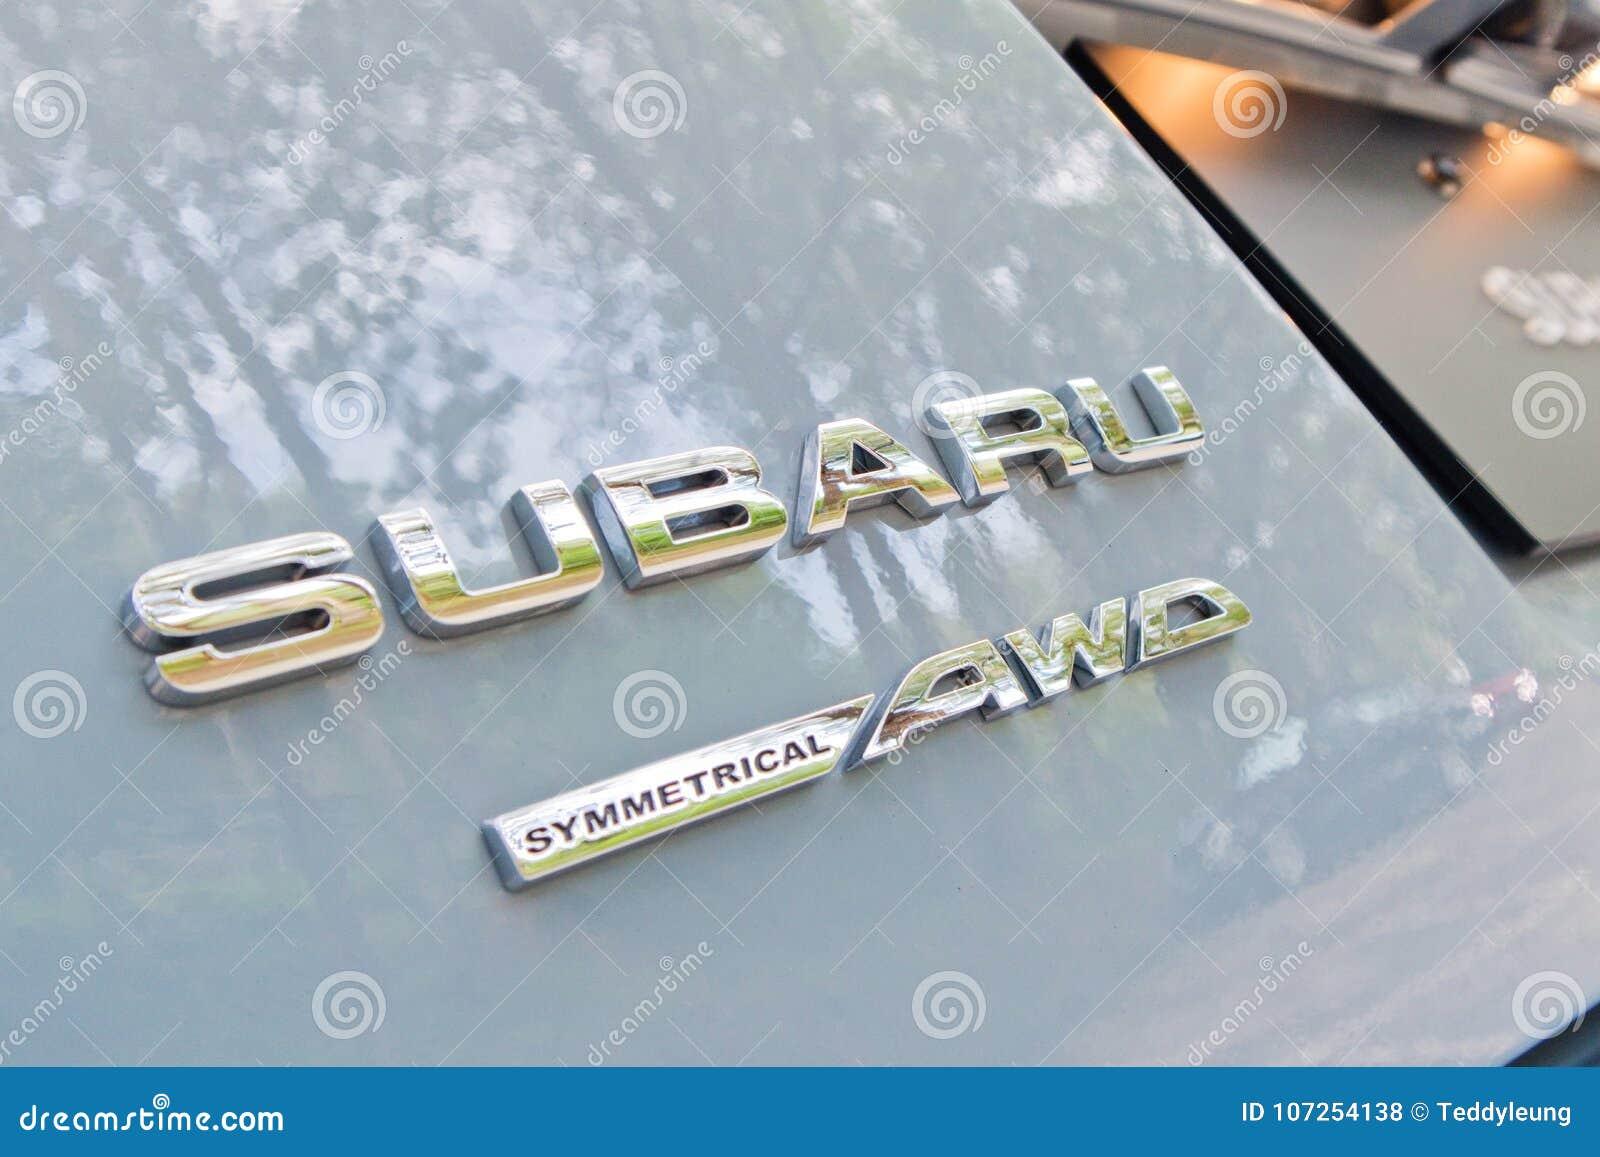 Subaru Xv 2017 Awd Logo Editorial Stock Photo Image Of Auto 107254138